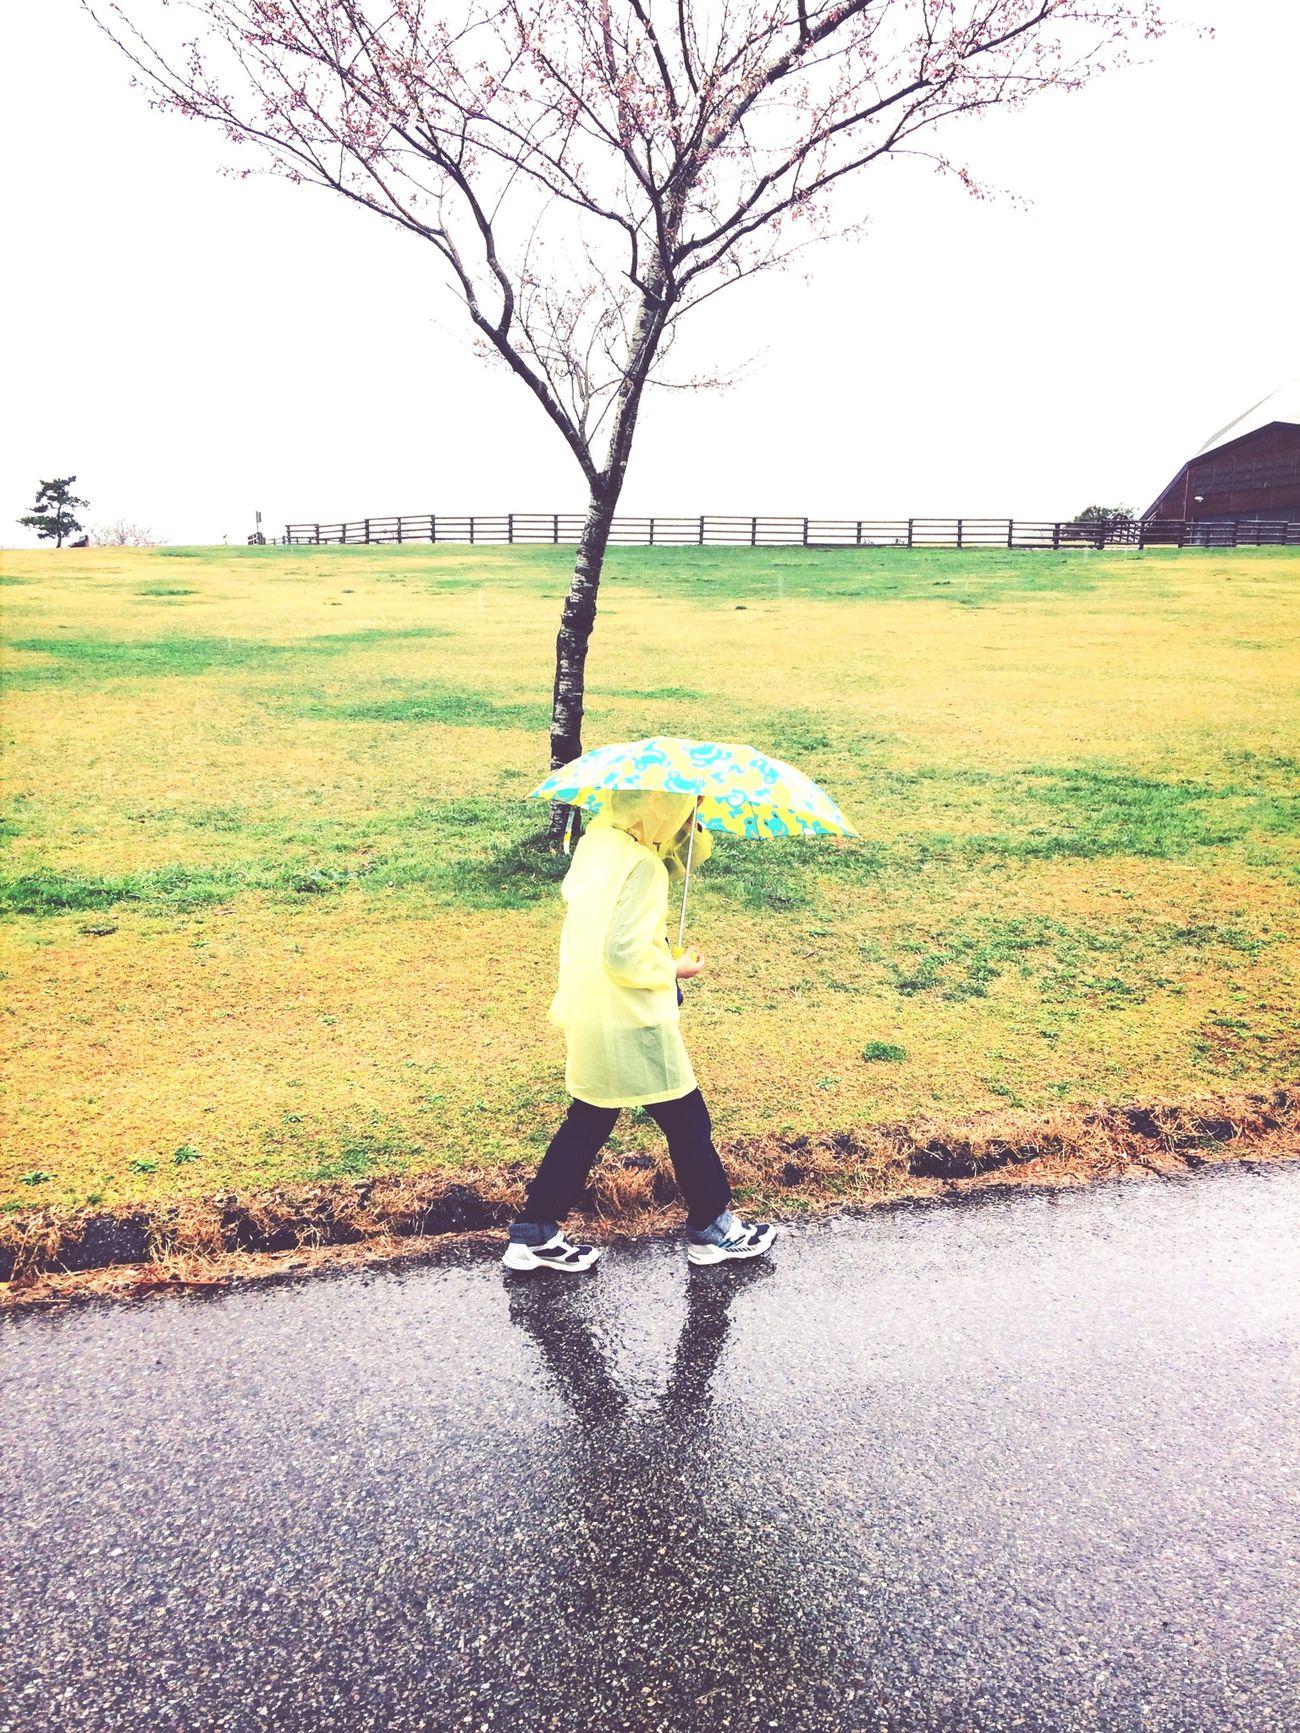 普段は目立ってありがたい黄色いレインコート。今日は菜の花に紛れる。  Rainy Days